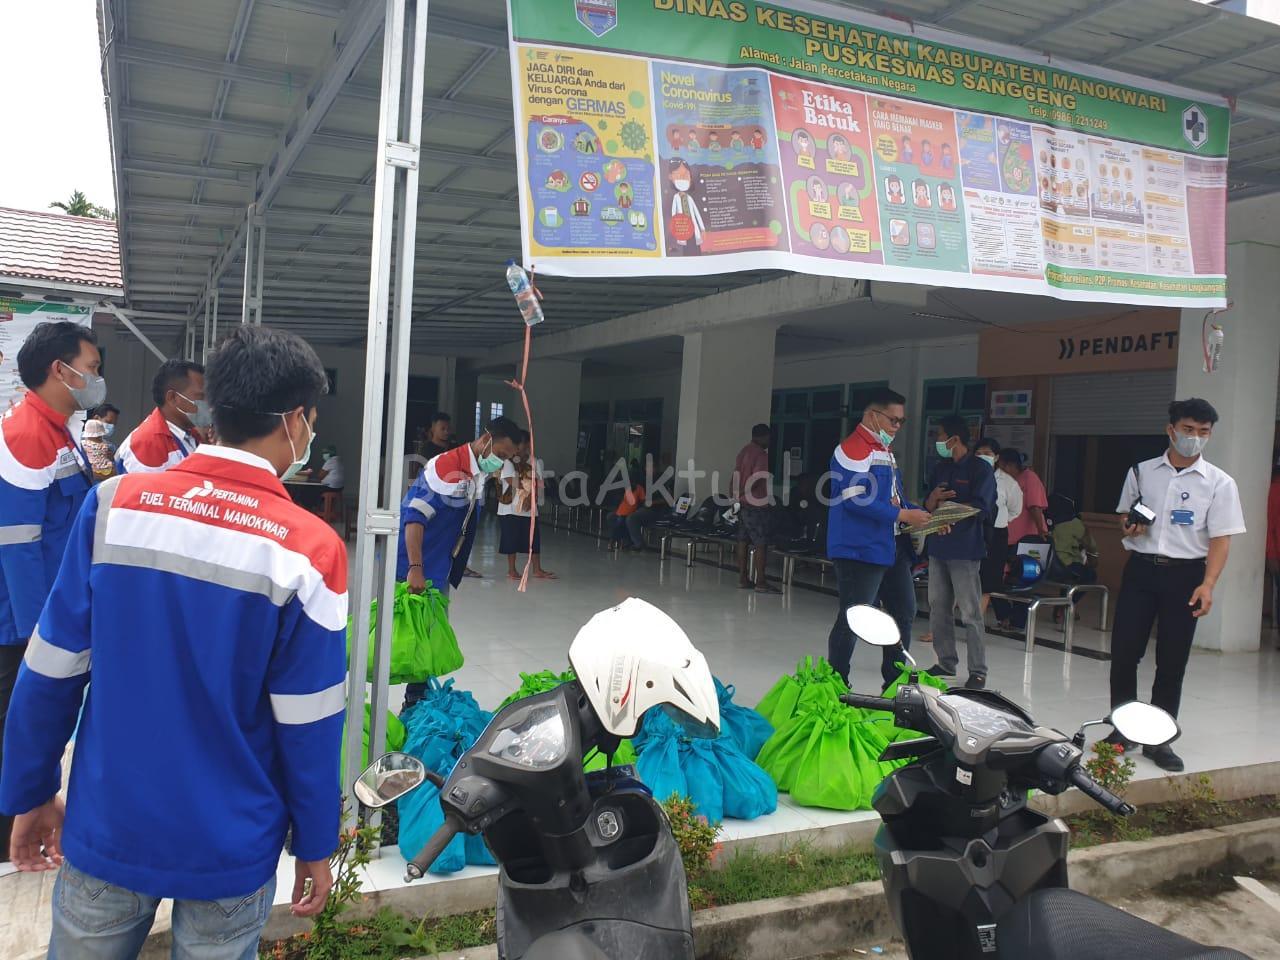 Bantu Pemerintah Cegah Corona, Pertamina Salurkan 300 Paket Bantuan di Manokwari 15 IMG 20200331 WA0062